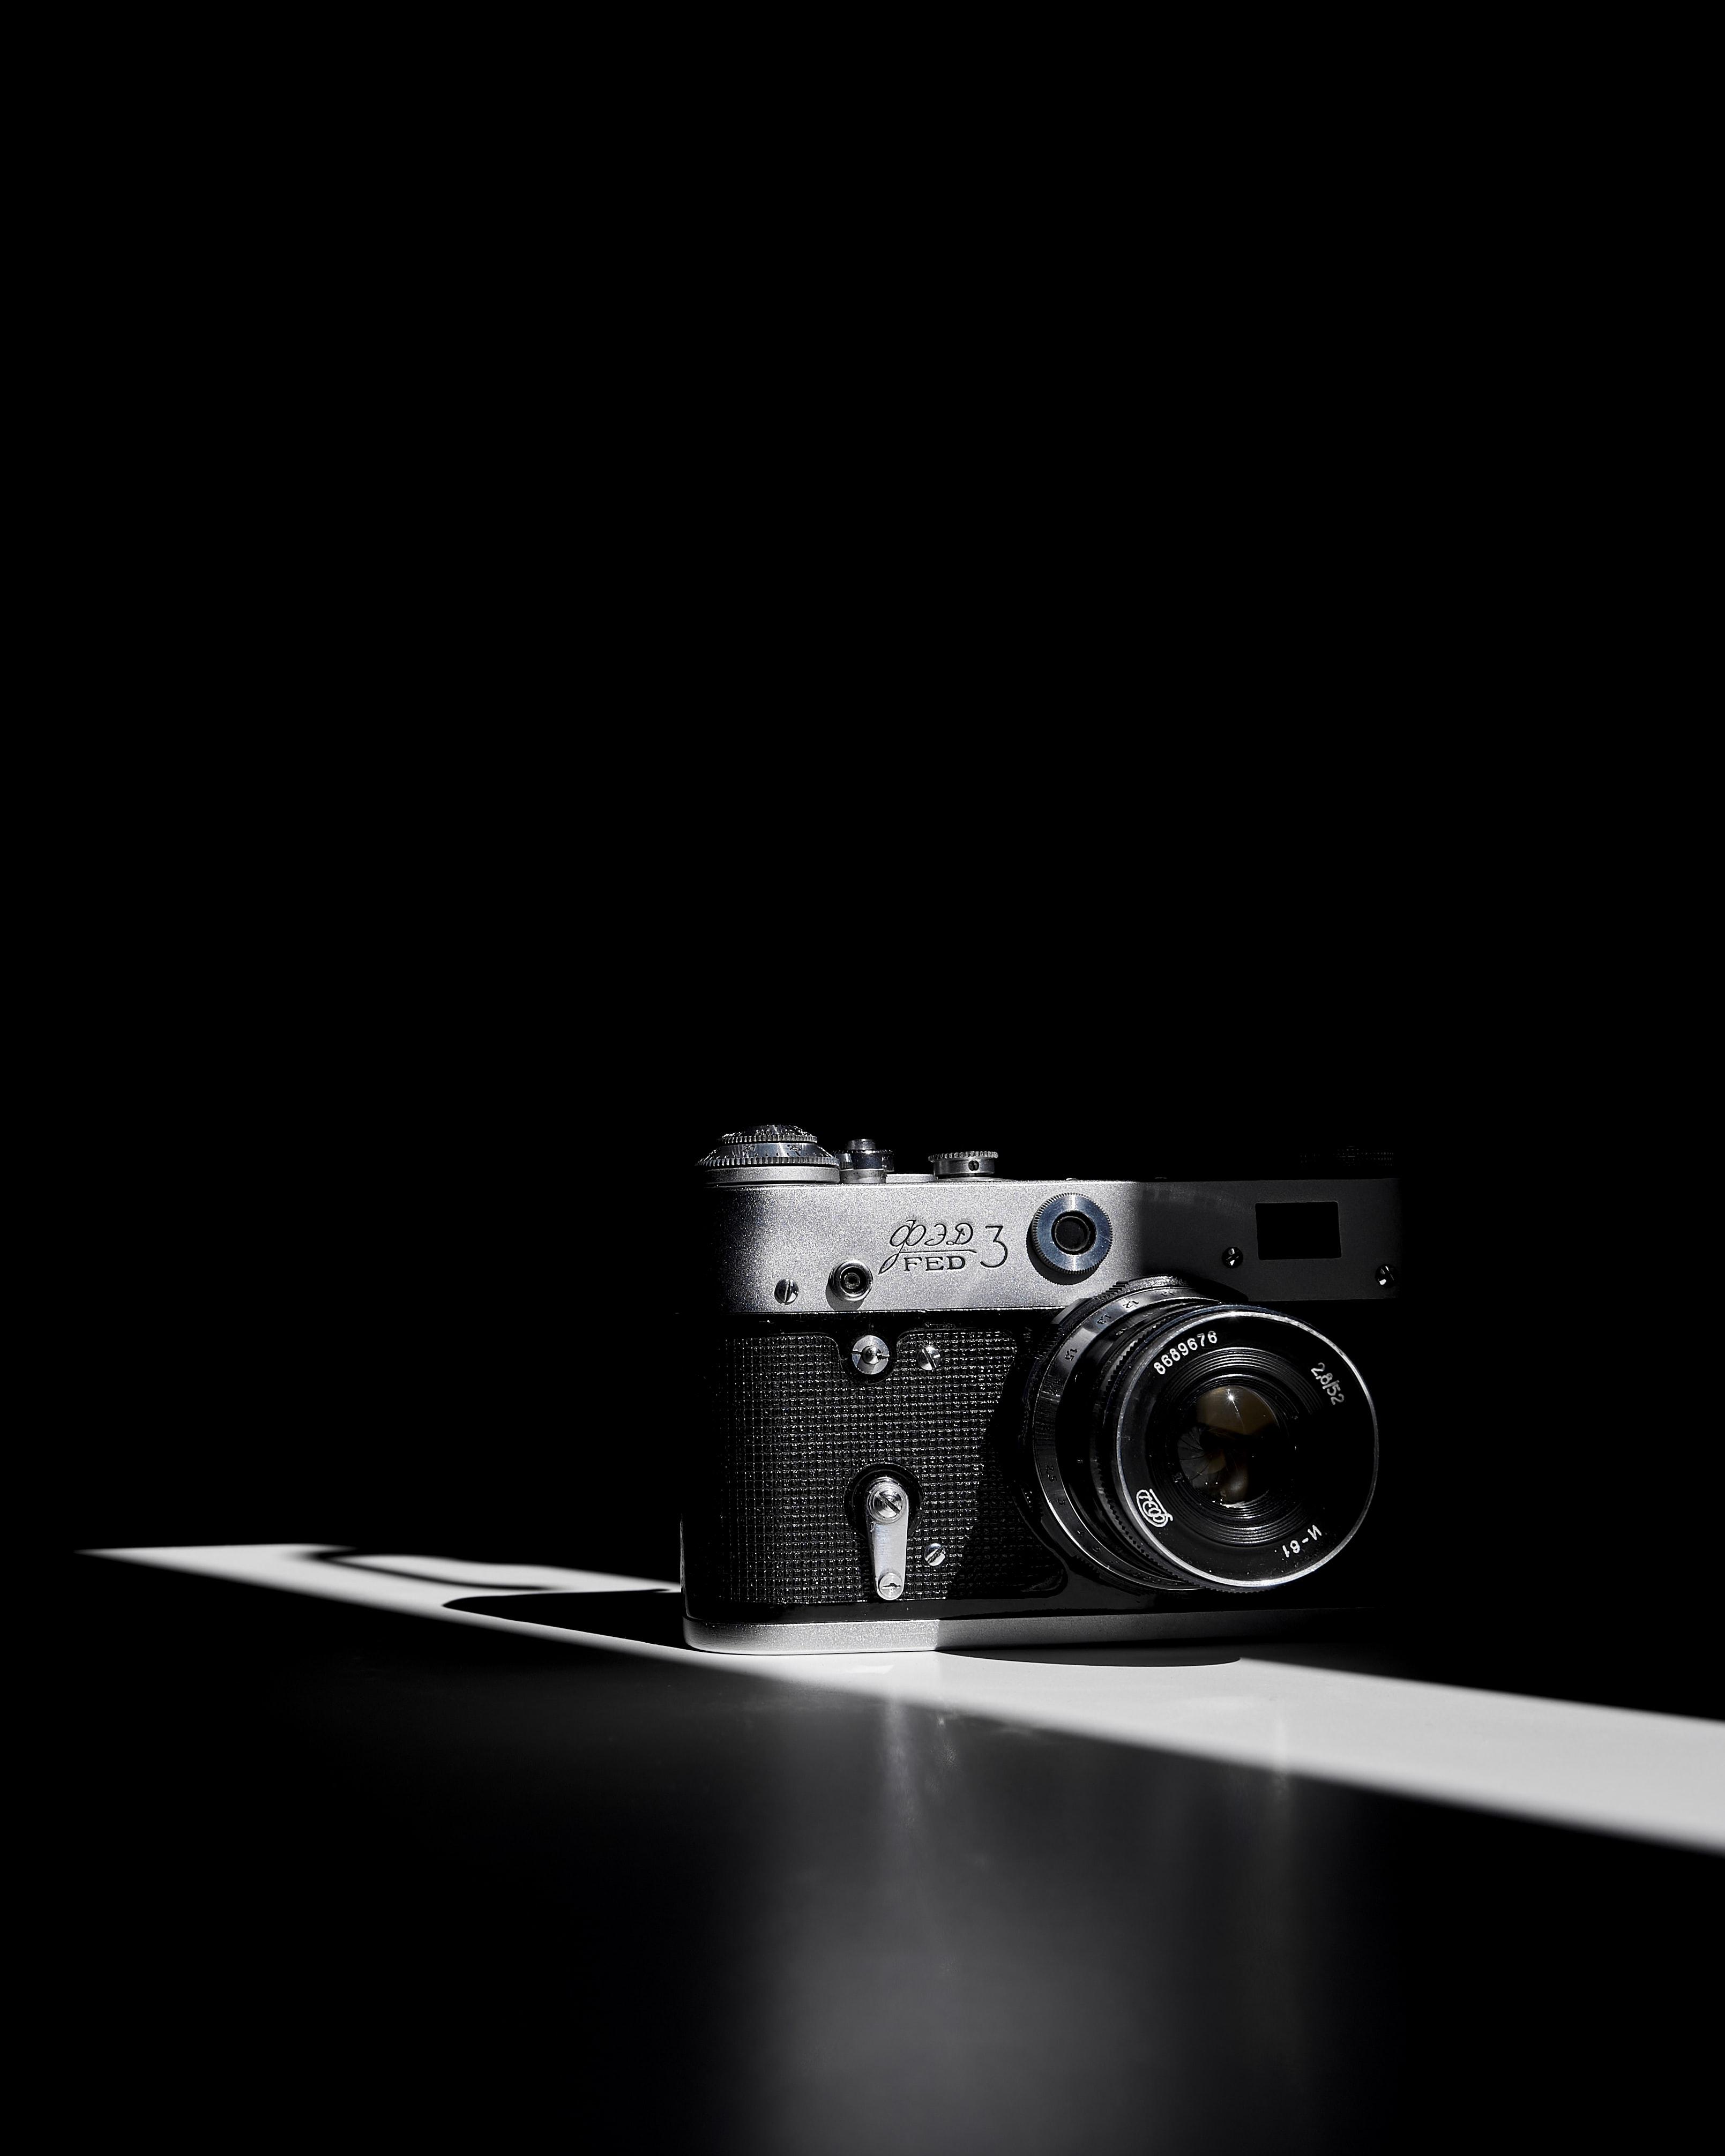 101910 Hintergrundbild herunterladen Vintage, Dunkel, Jahrgang, Retro, Technologien, Technologie, Kamera - Bildschirmschoner und Bilder kostenlos